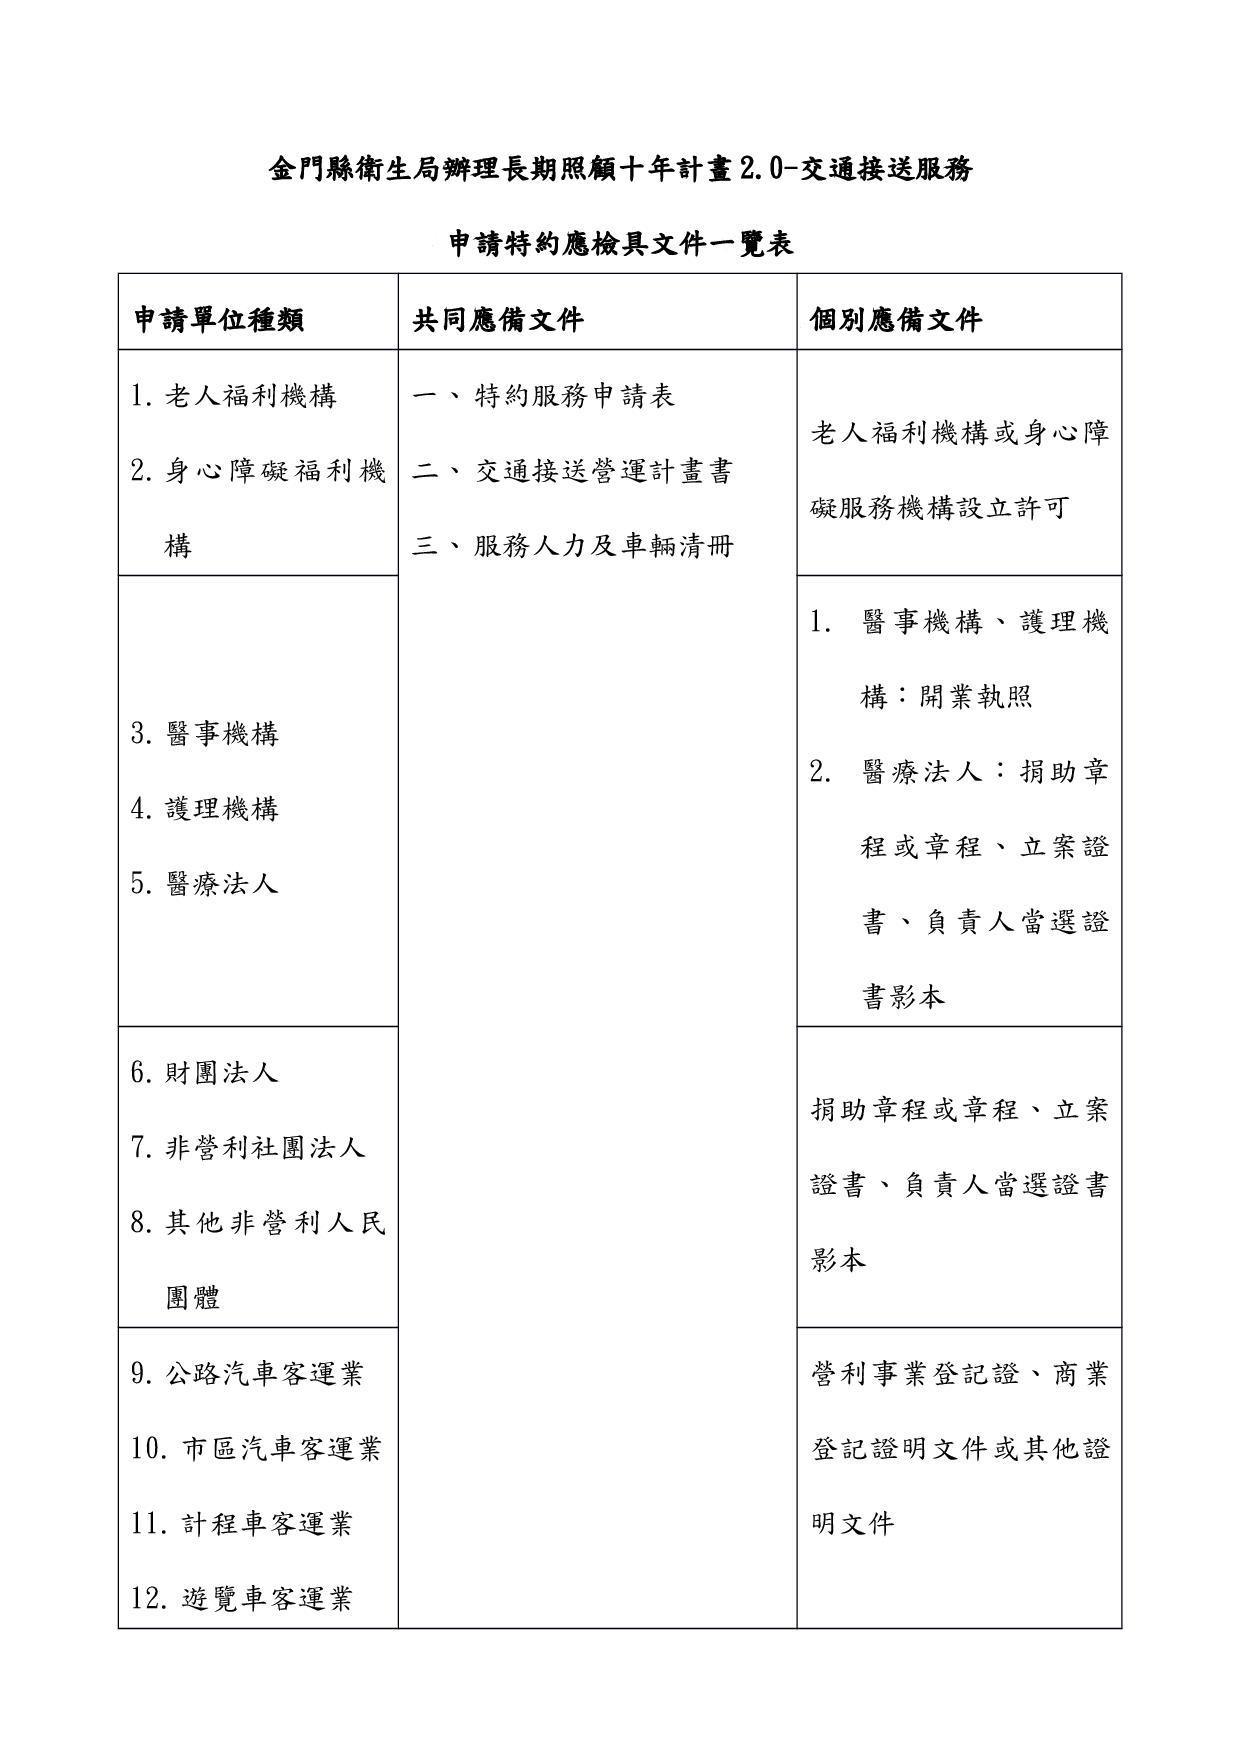 附件一-申請特約應檢具文件一覽表